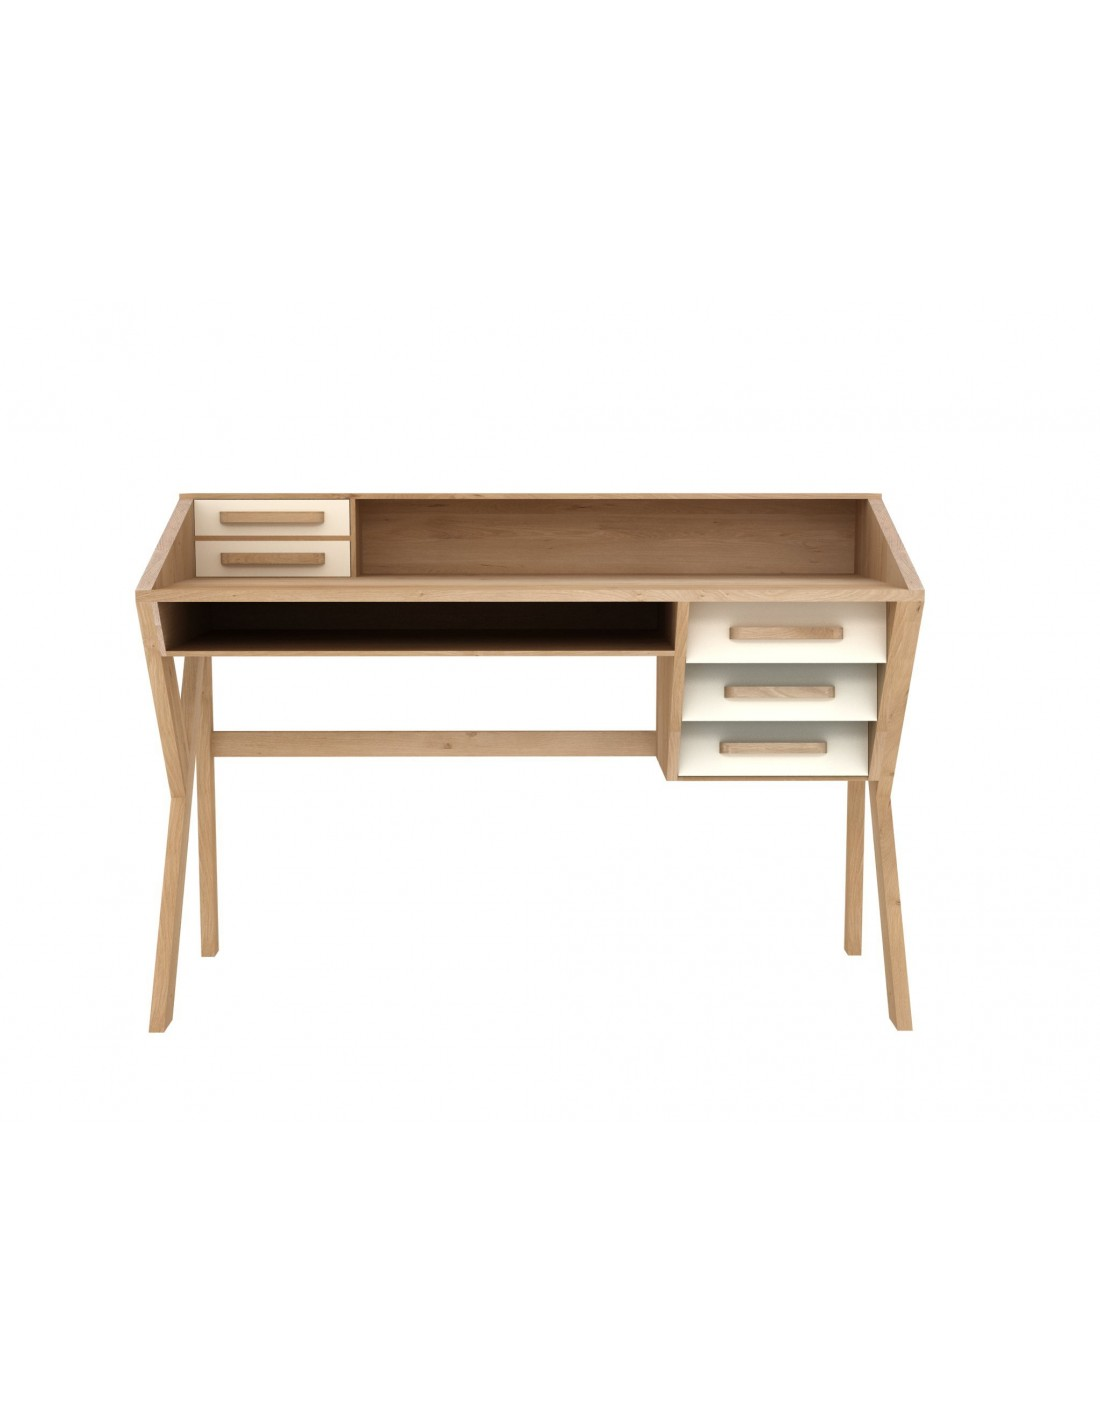 Origami oak bureau desk- Crème - 5 drawers 135 x 55 x 94cm